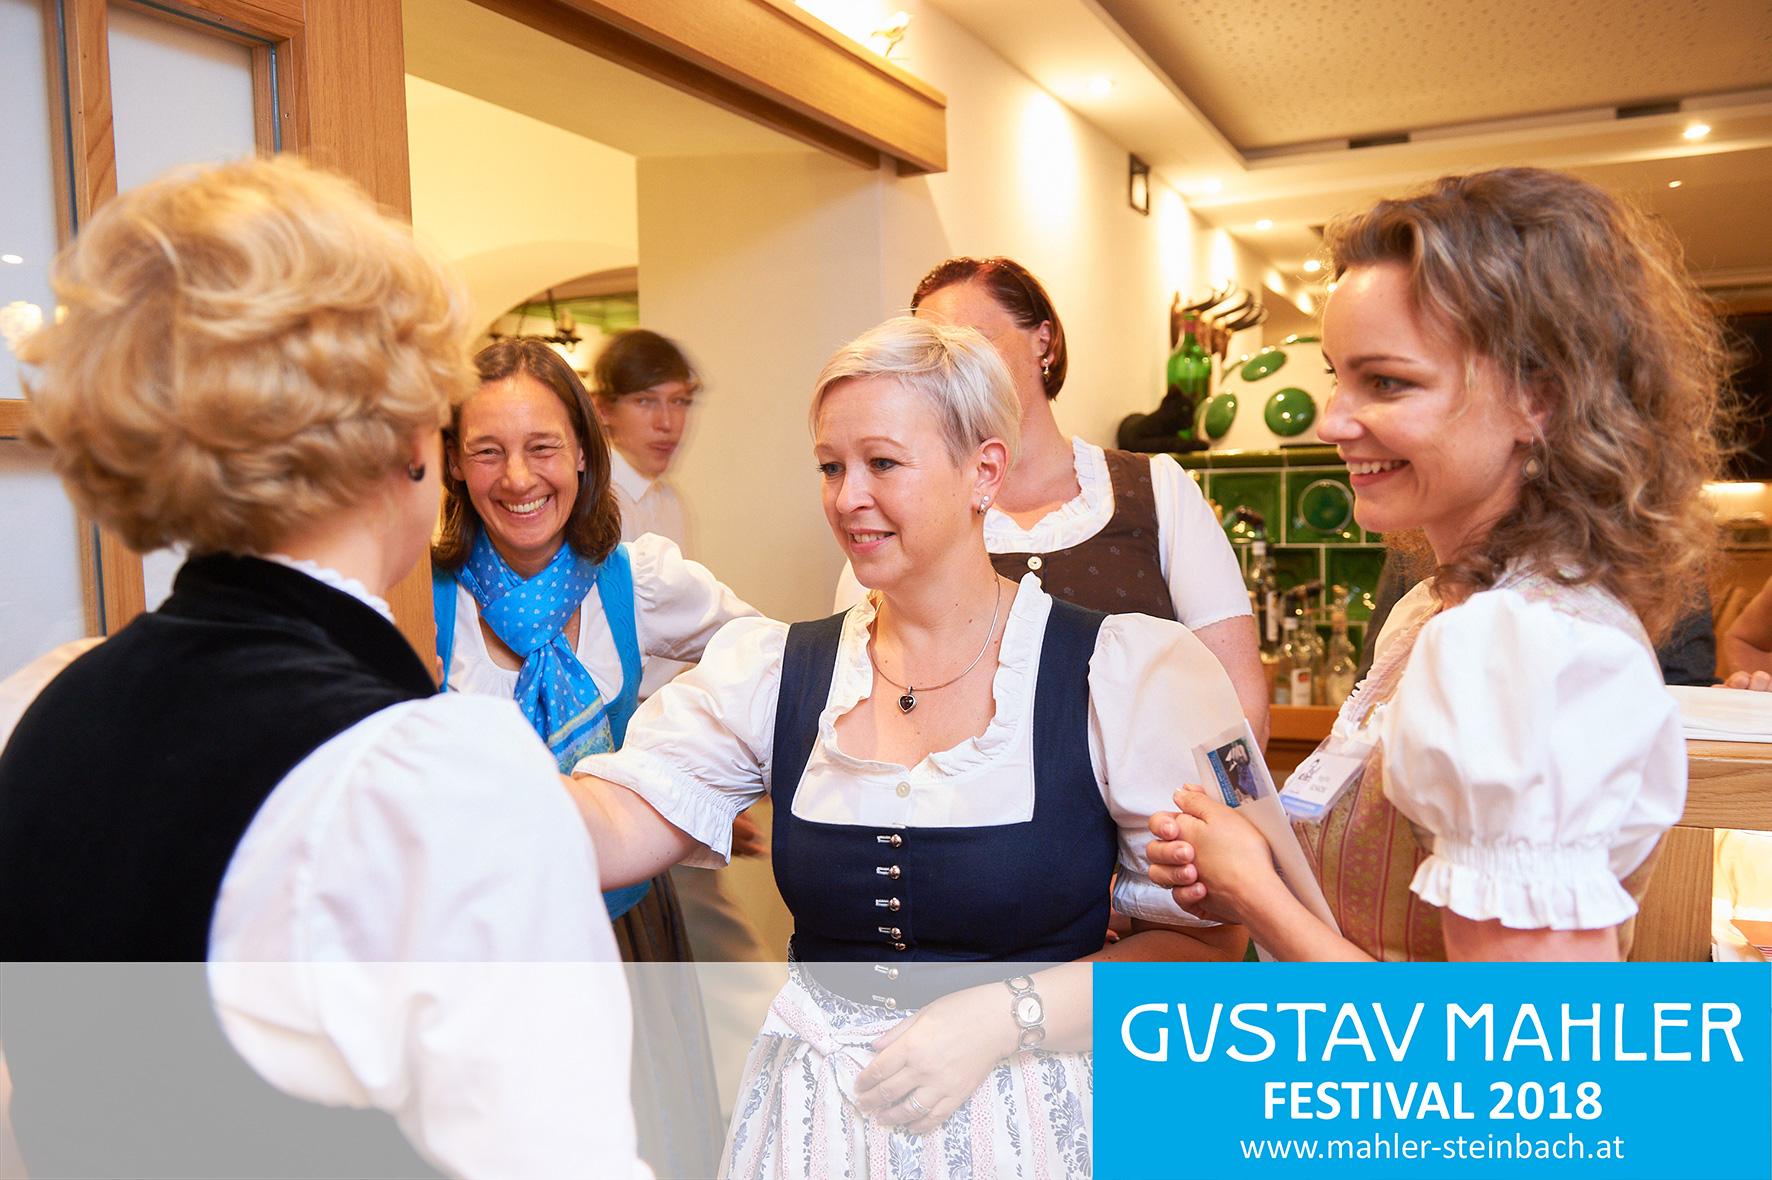 Mahler in Lied und Wort, 3. Gustav Mahler Festival